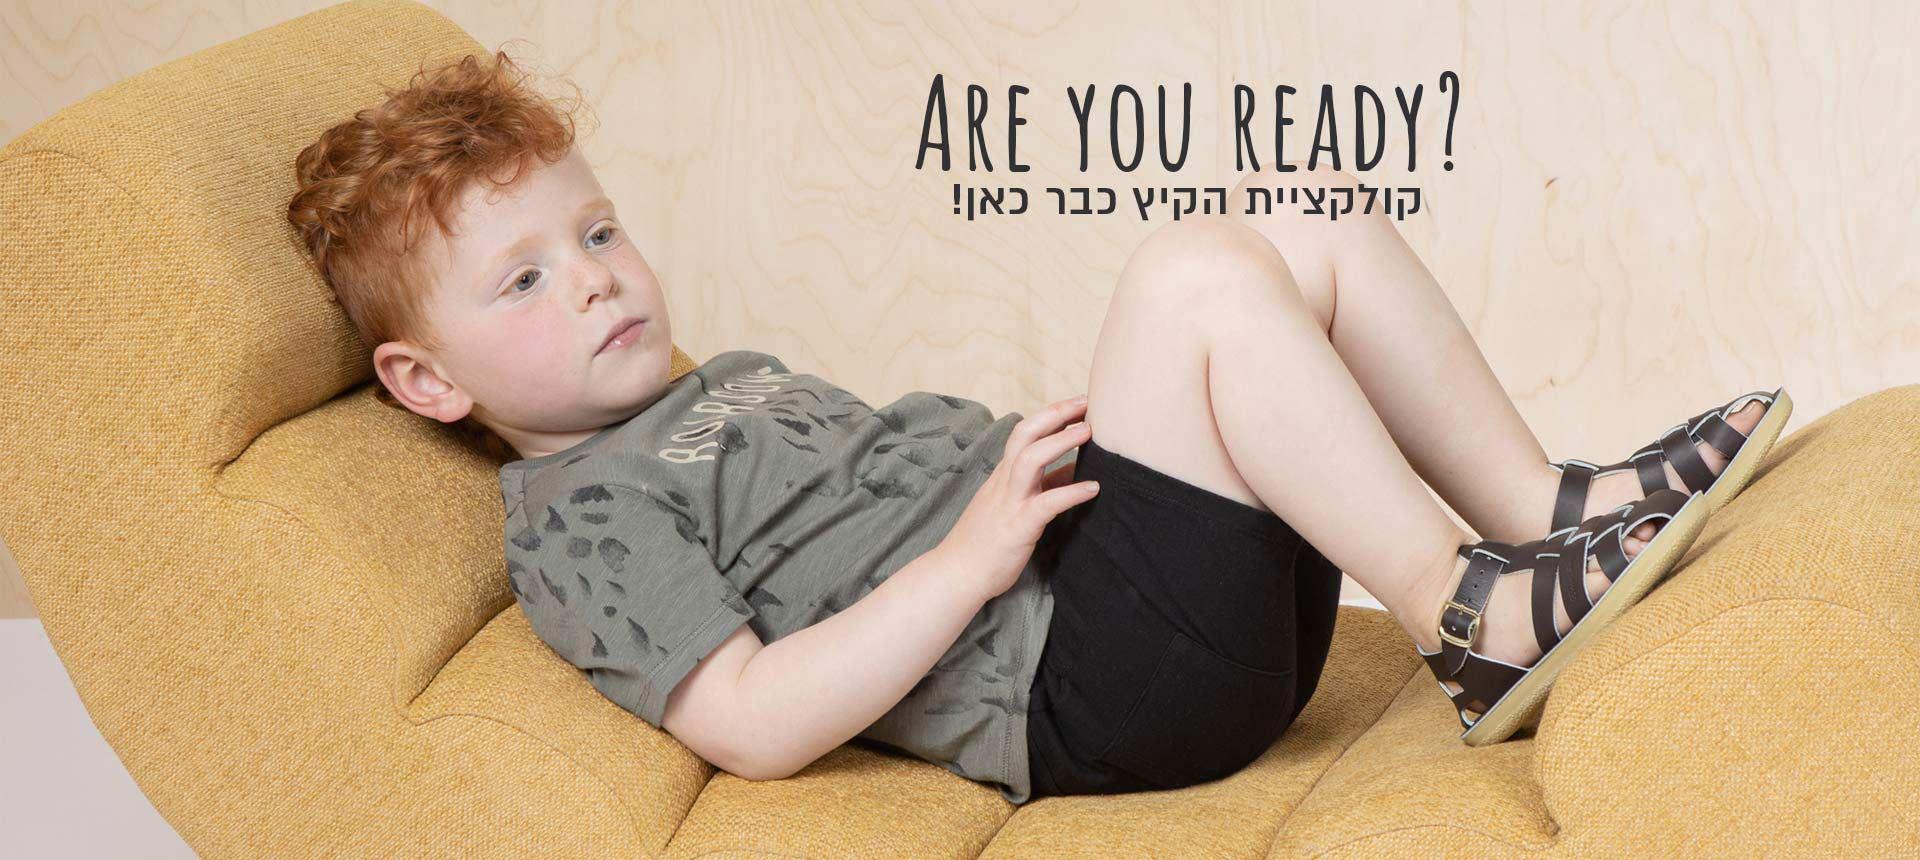 are you ready?! קולקציית הקיץ כבר כאן